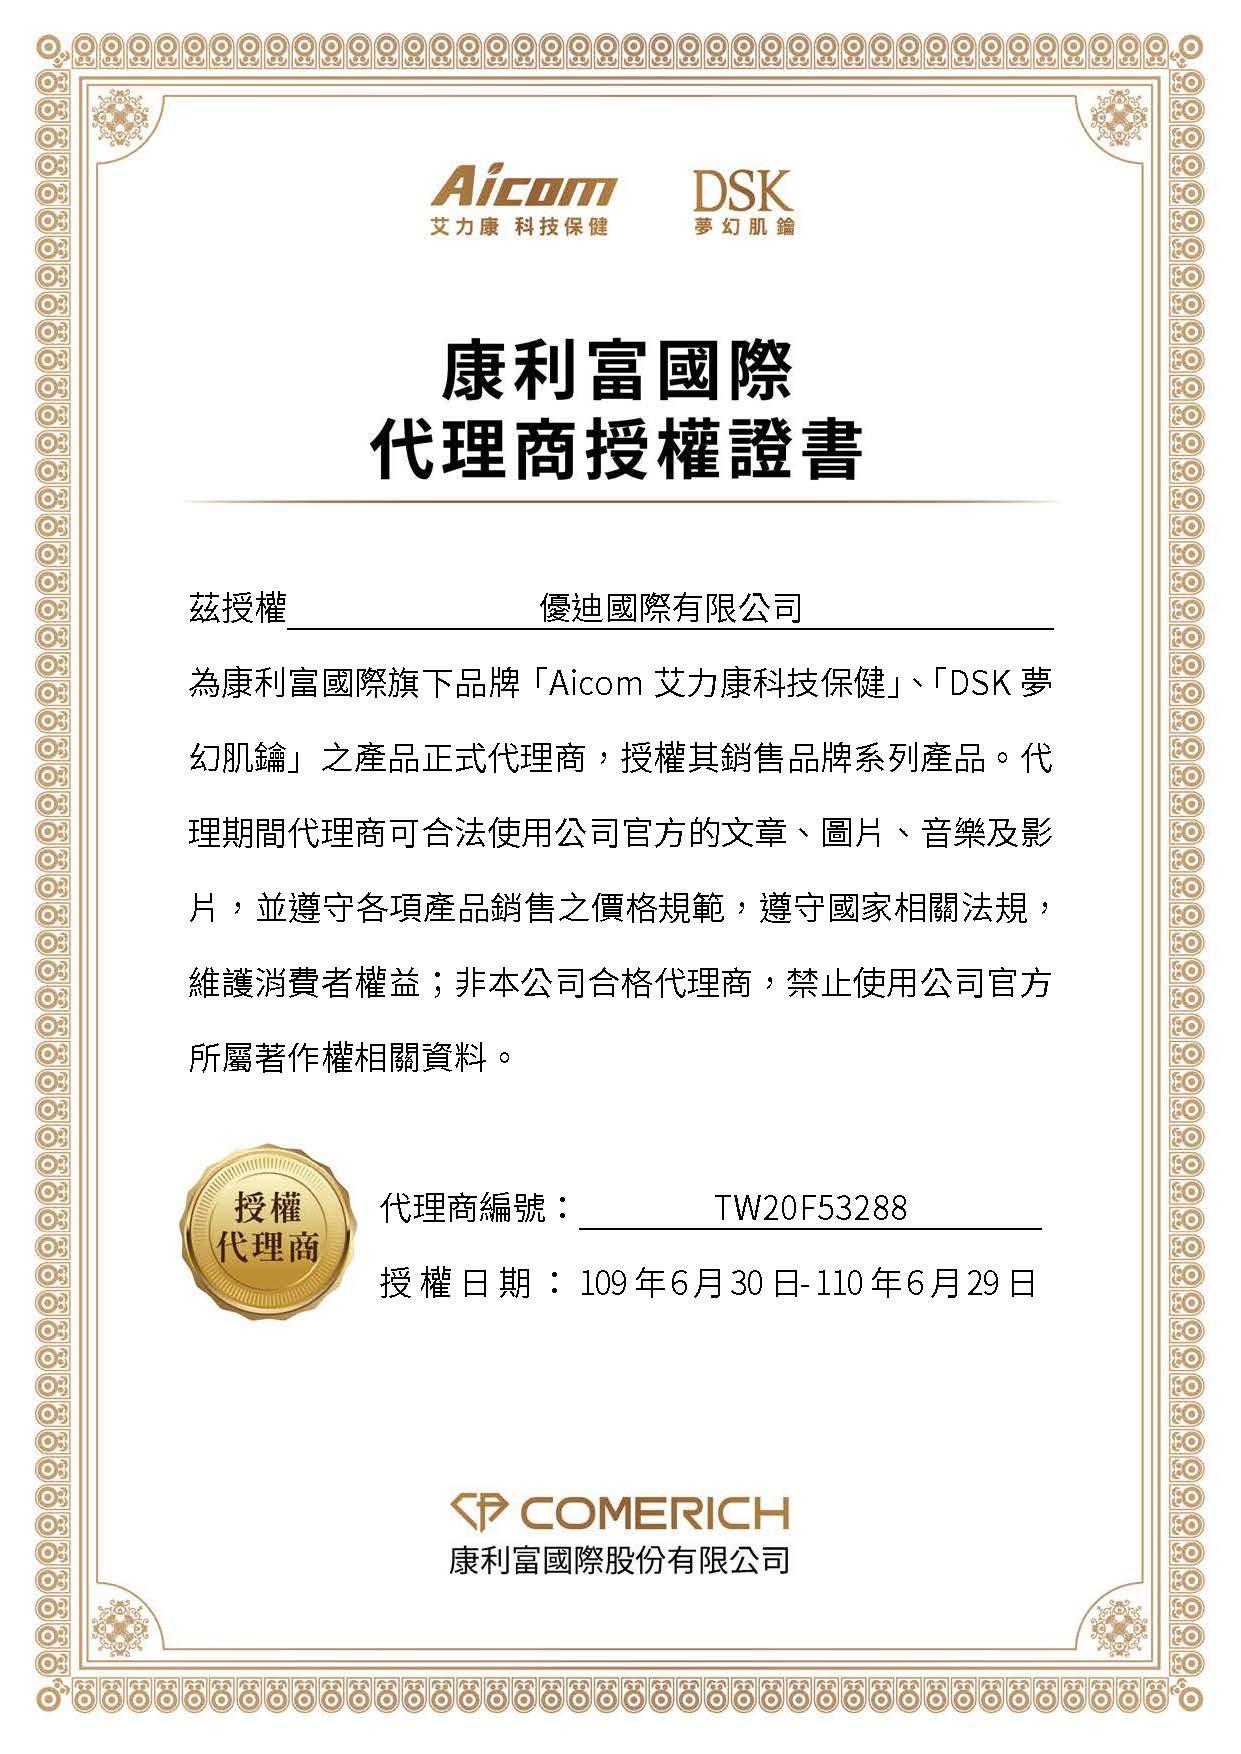 【買四送一】燕窩胜肽賦活飲 侯佩岑代言-4盒 / 40包+1盒 Aicom 艾力康 4